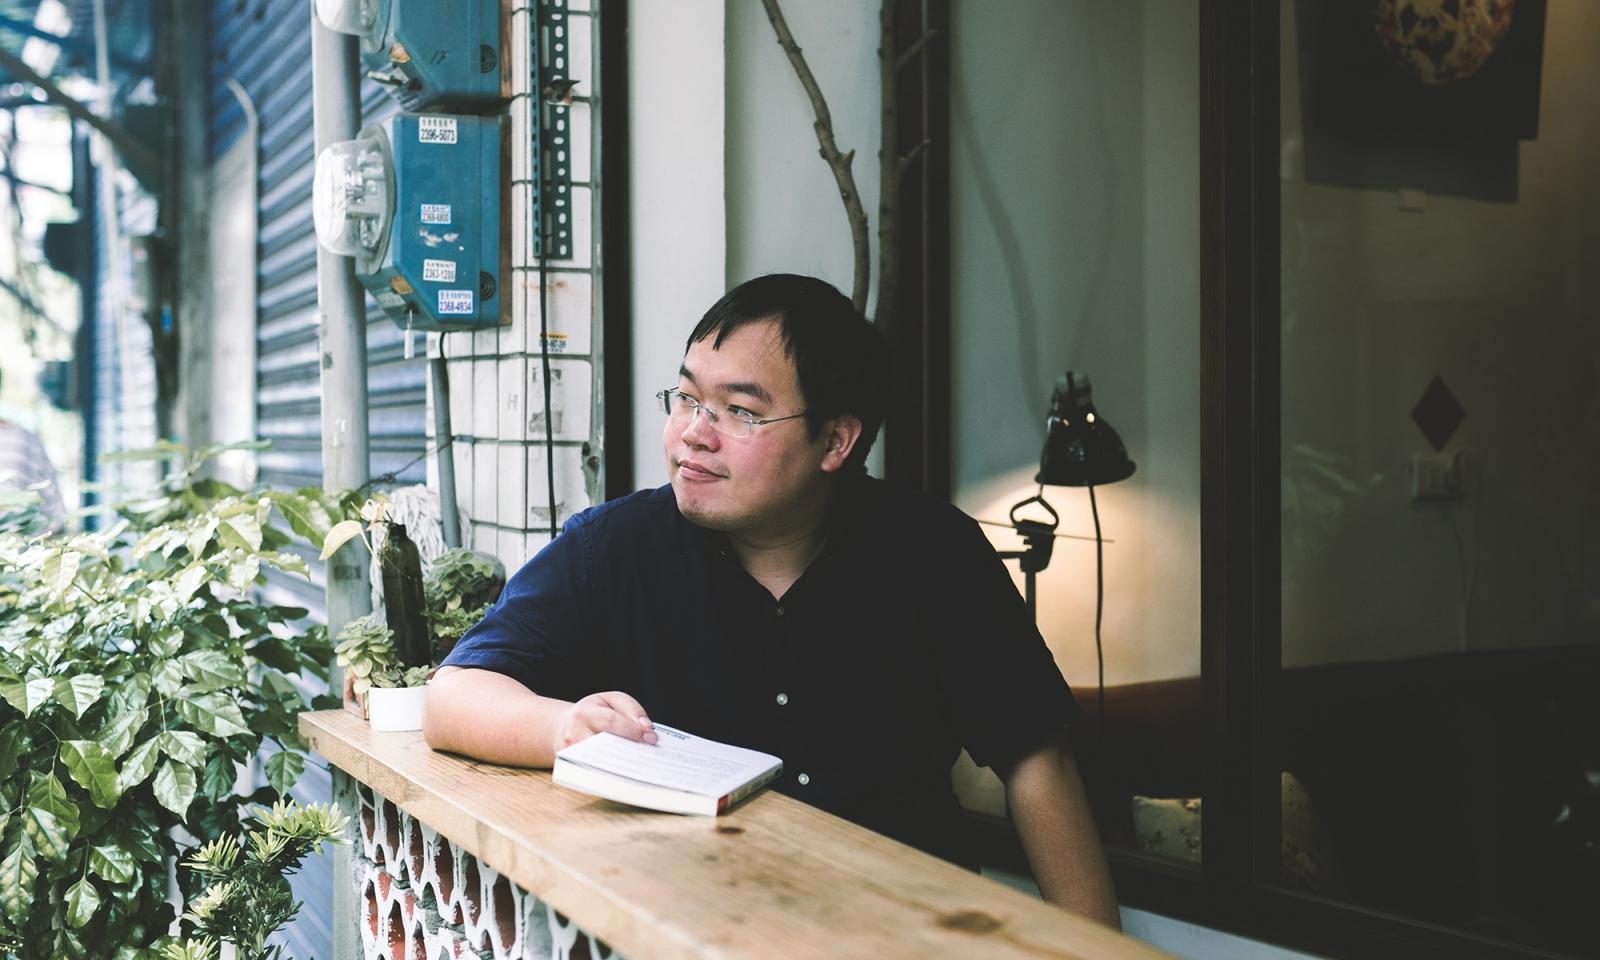 戰神也是人——朱宥勳和他「差一點就壞掉」的過去